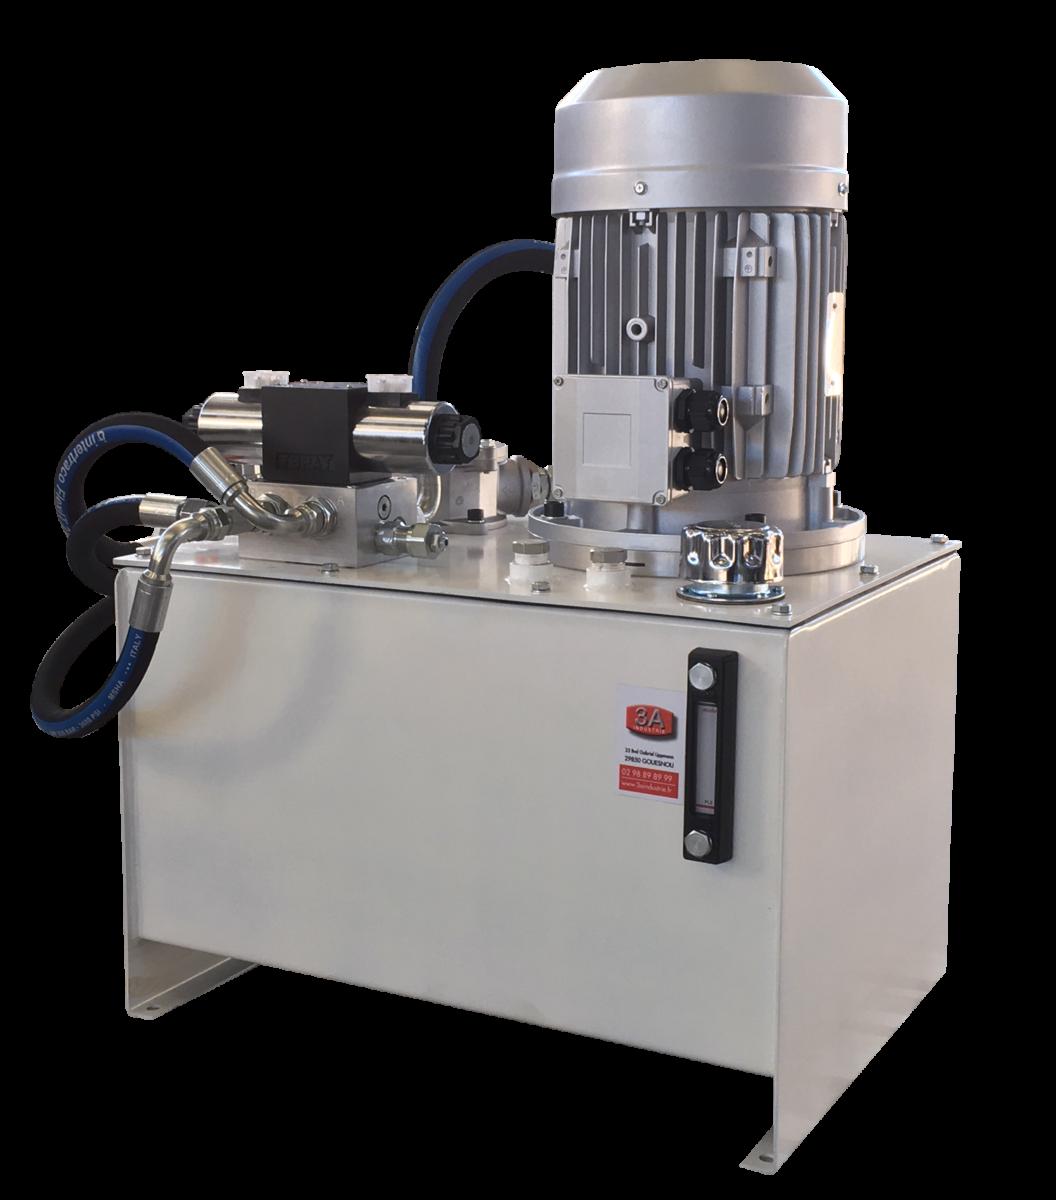 3a industrie, Centrale hydraulique avec réservoir 80 l. Equipée d'un diviseur de débit, étrangleur unidirectionnel de débit